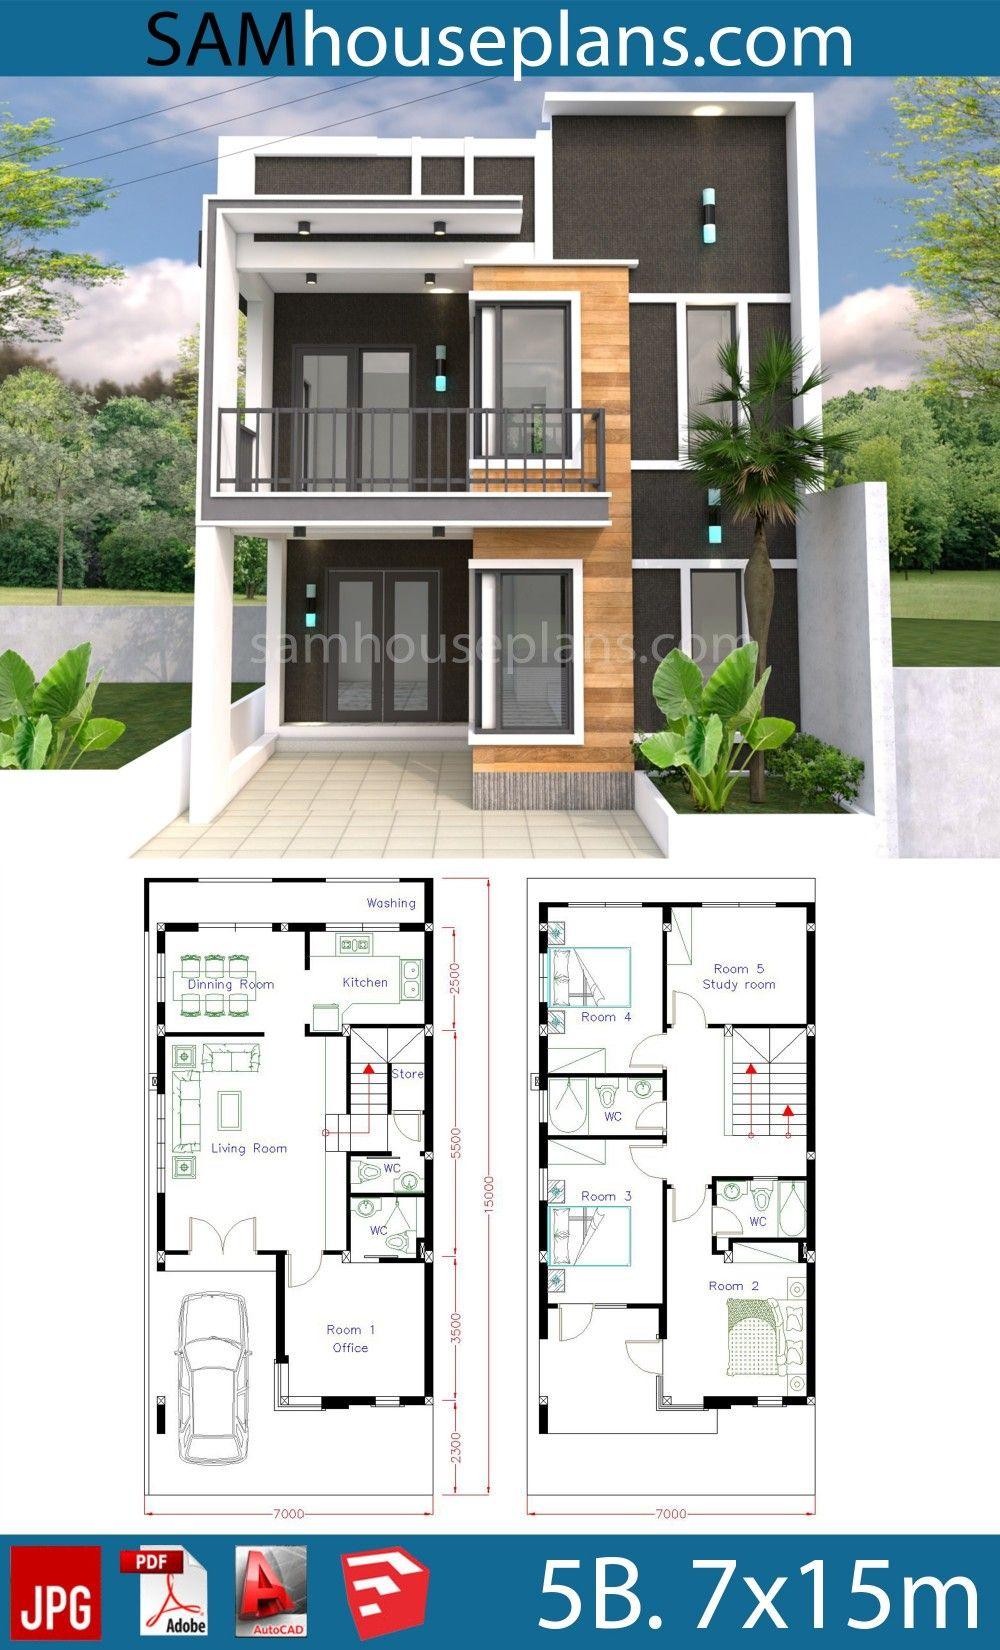 Plans De Maison 7x15m Avec 4 Chambres A Coucher Modele Maison